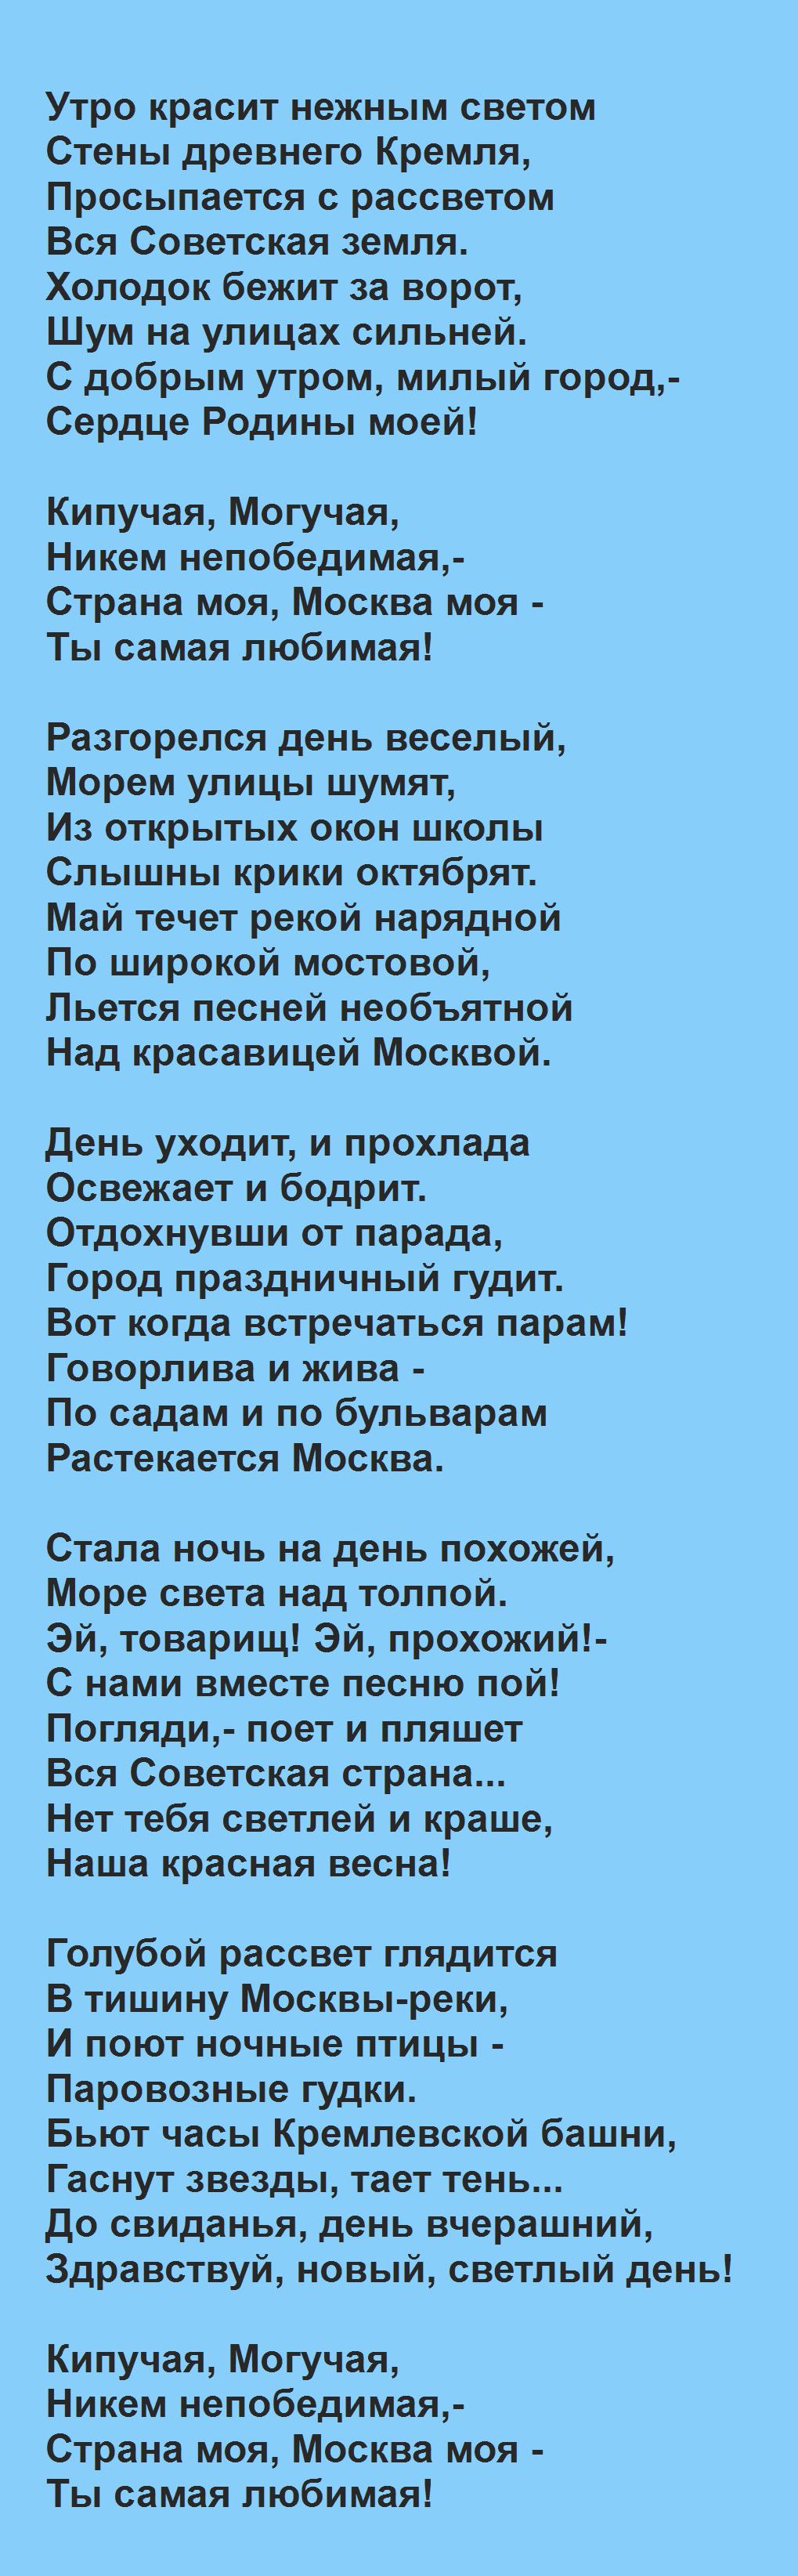 Песни на 1 мая советские, скачать бесплатно